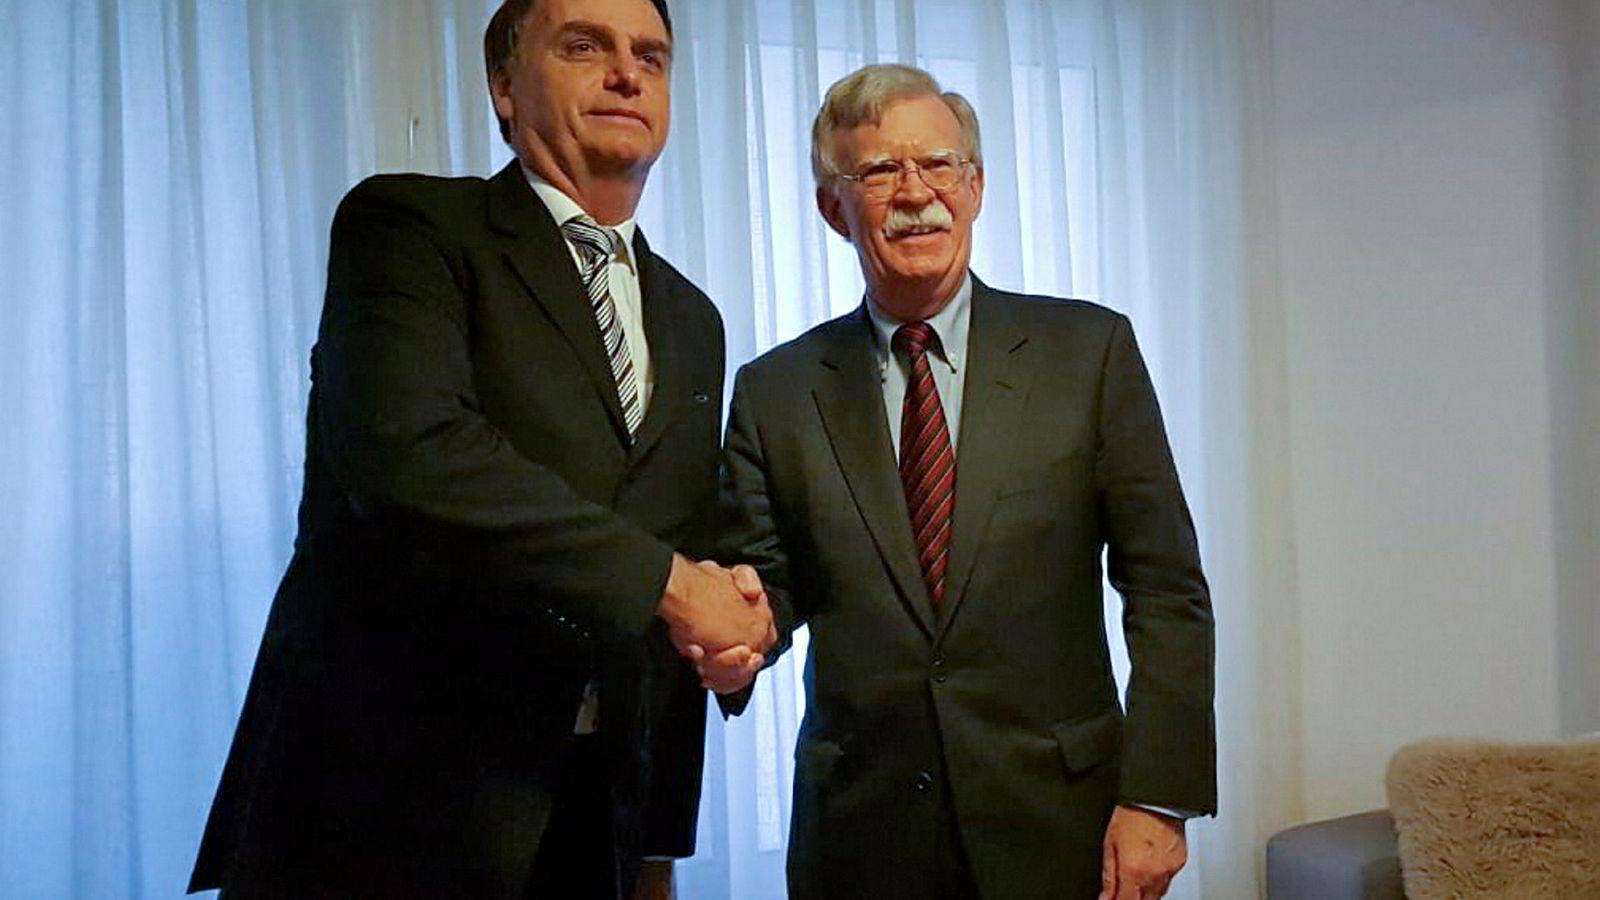 Brasils påtroppende president Jair Bolsonaro og USAs nasjonale sikkerhetsrådgiver John Bolton hadde et hjertelig møte i Rio de Janeiro.